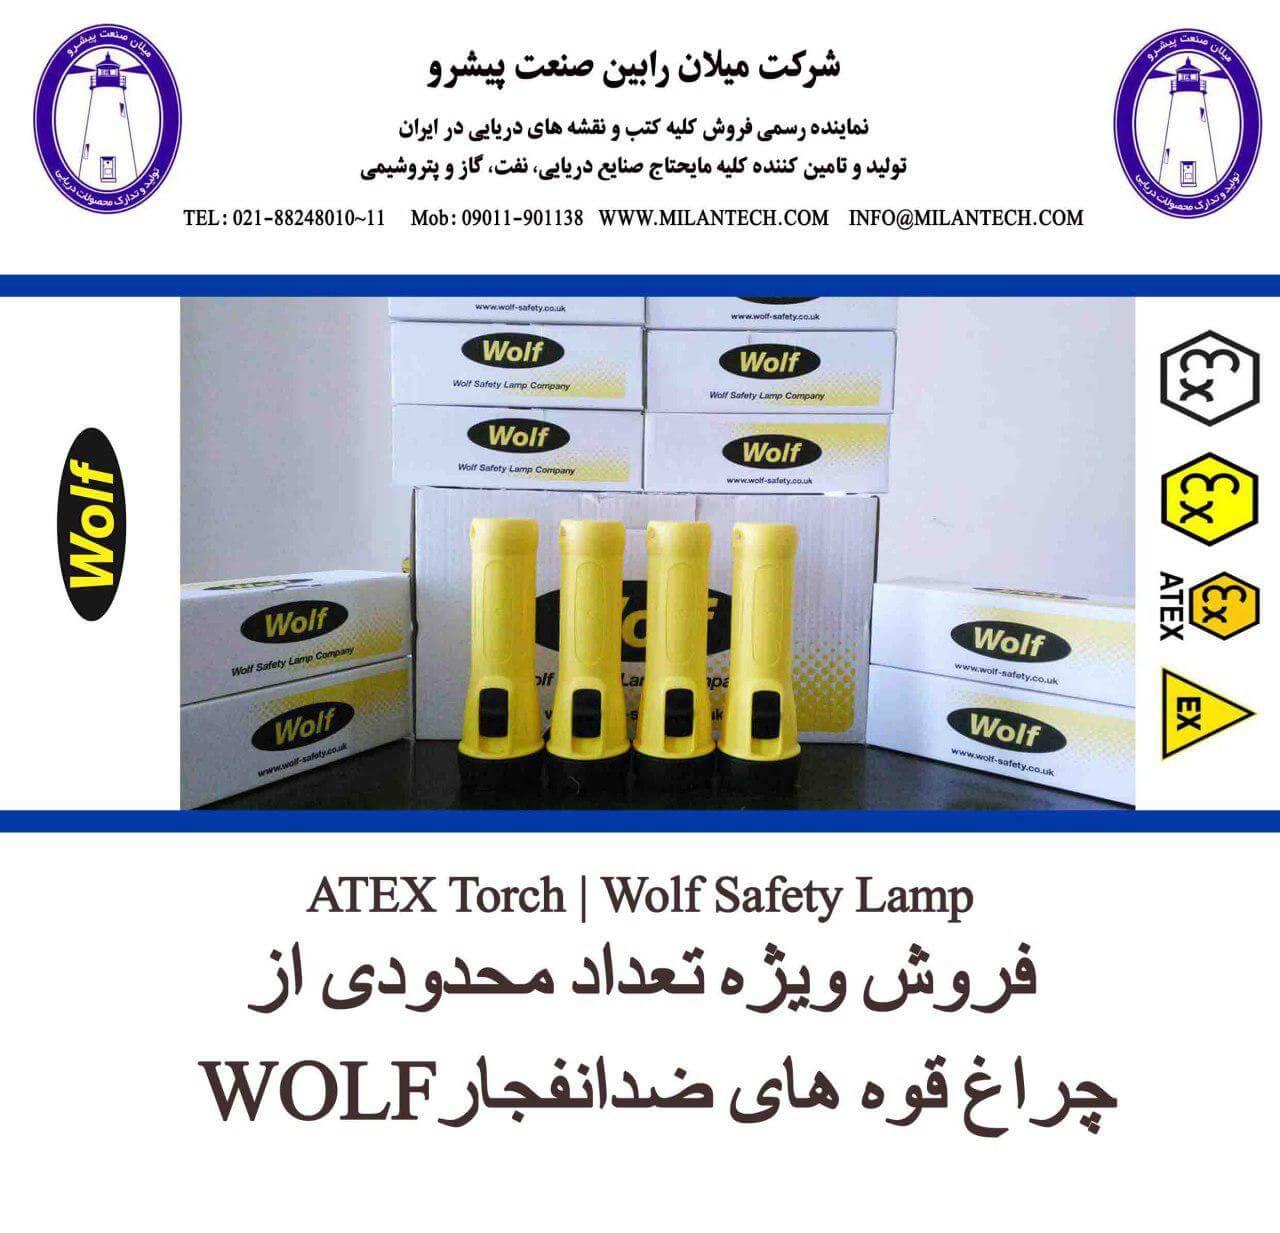 چراغ قوه ضد انفجار چراغ قوه های ضد انفجار چراغ قوه های ضد انفجار WOLF flashlight